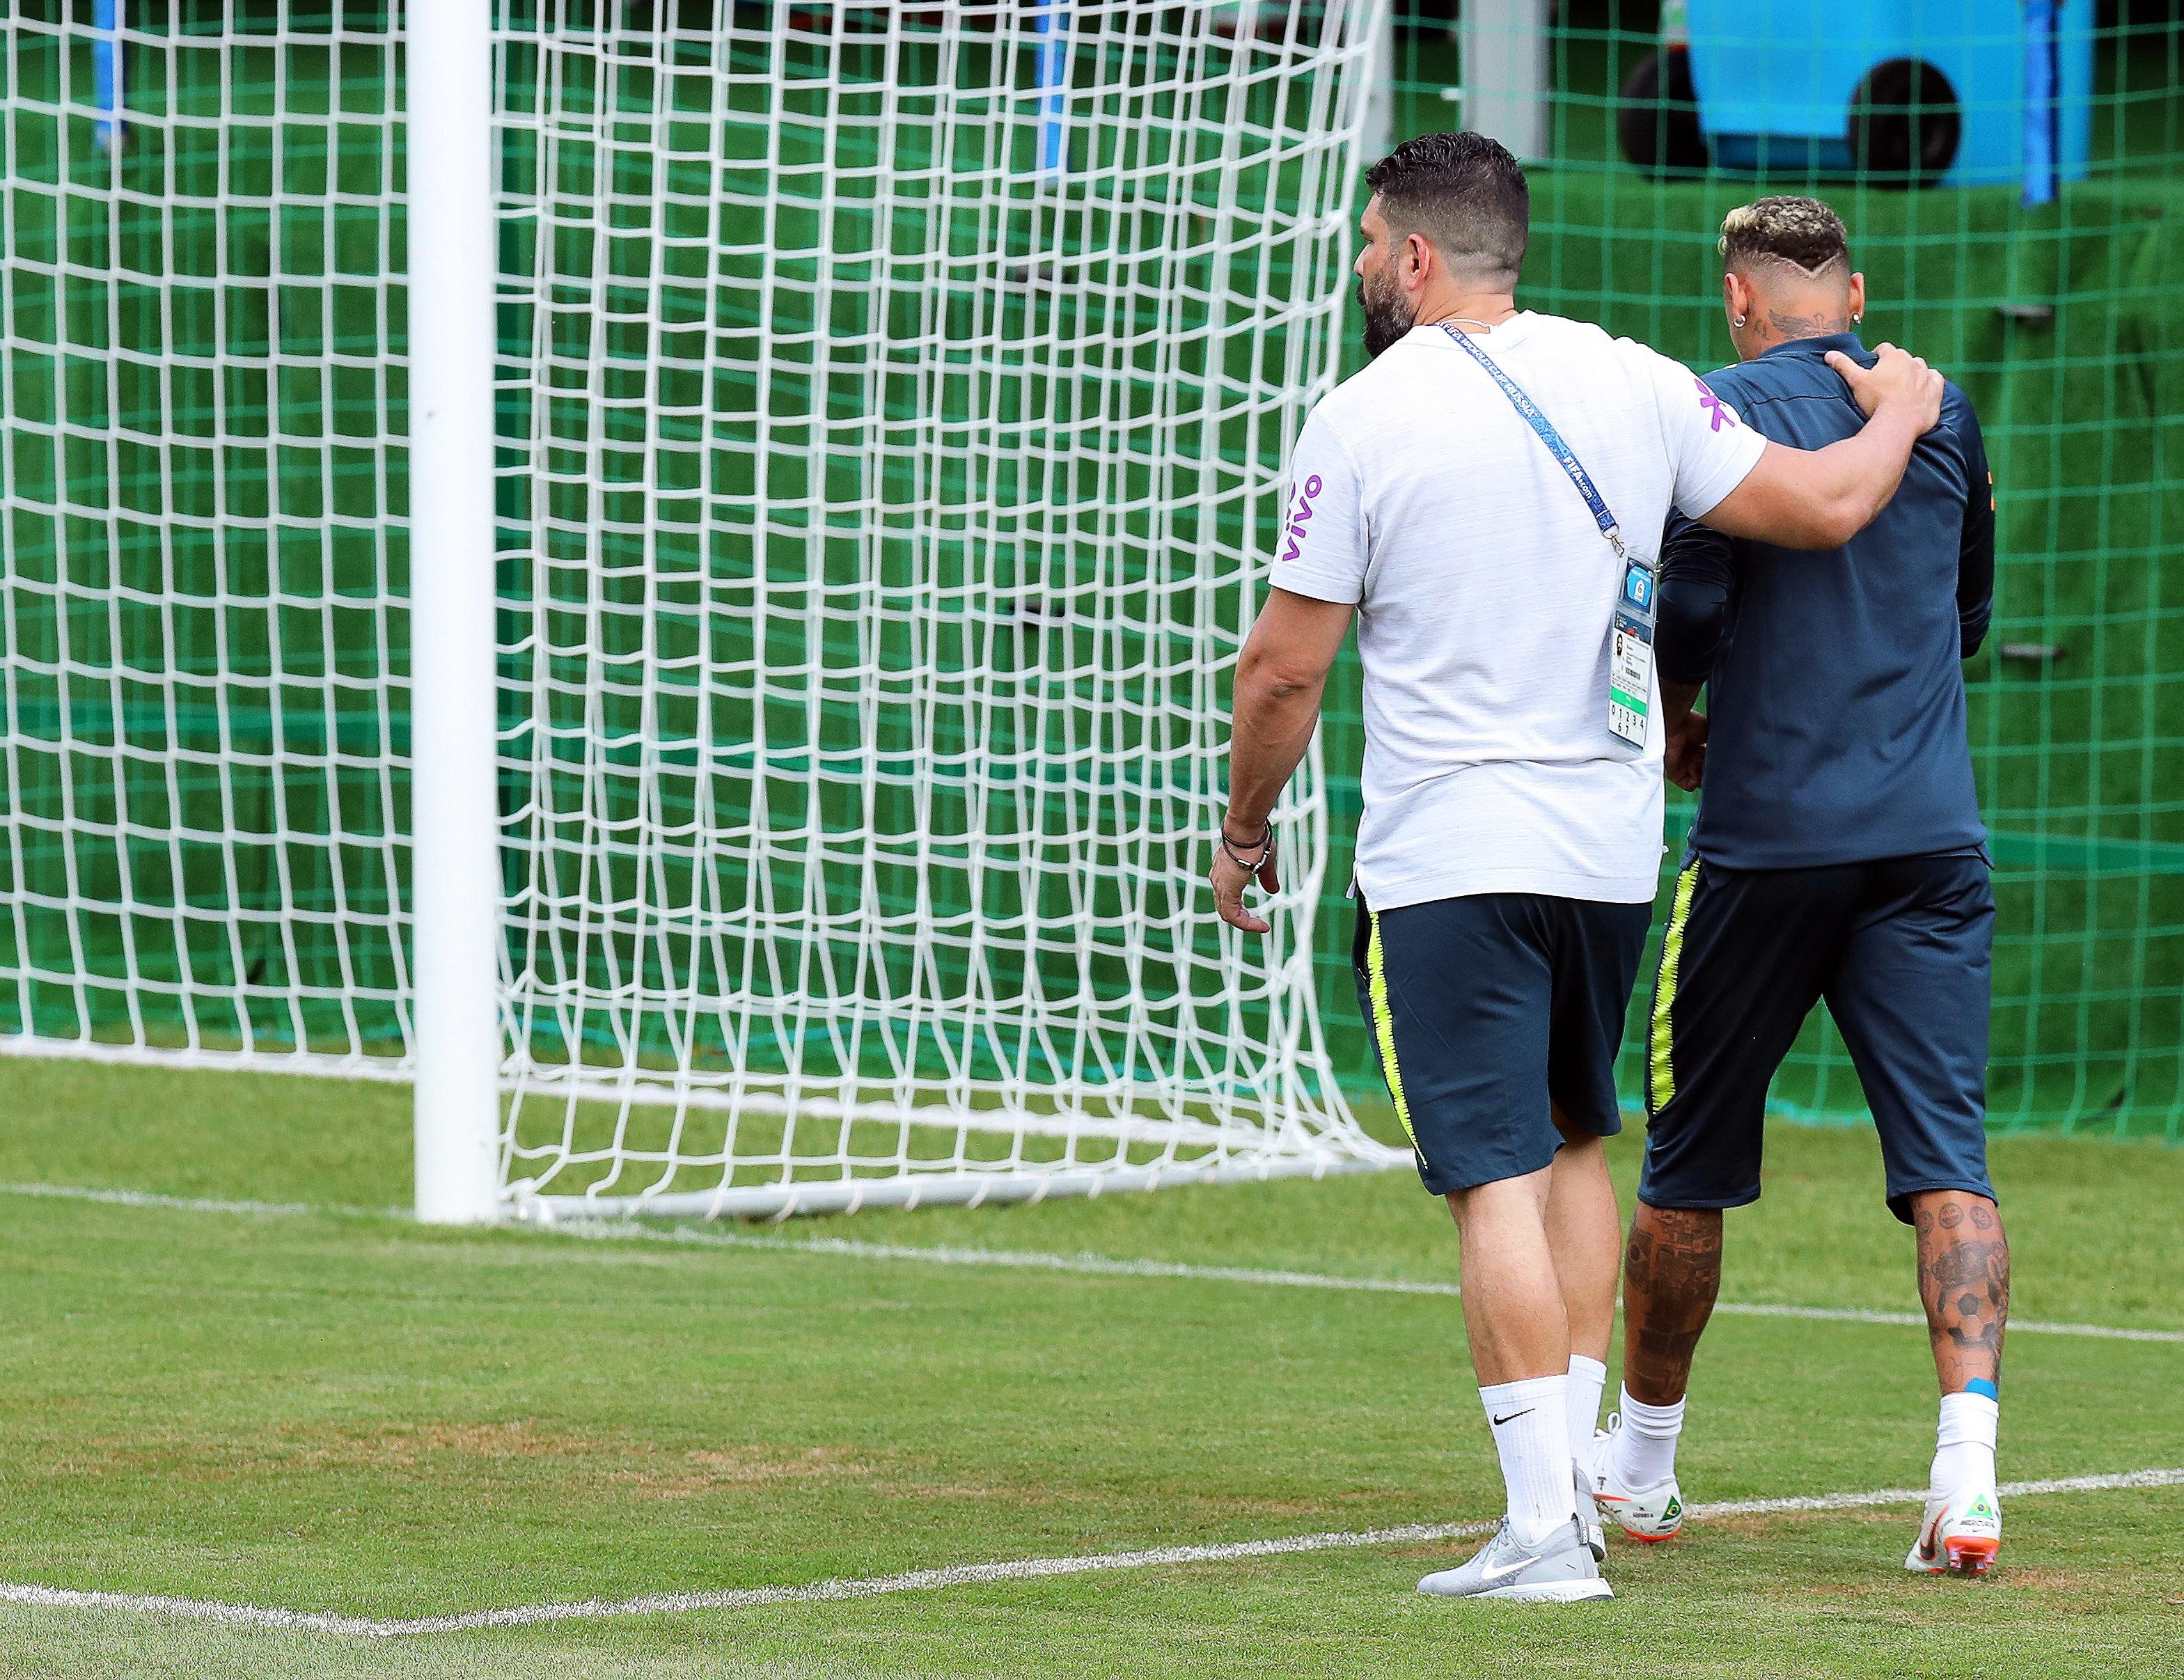 Mundial 2018: Neymar regressou hoje aos treinos, após problema no tornozelo